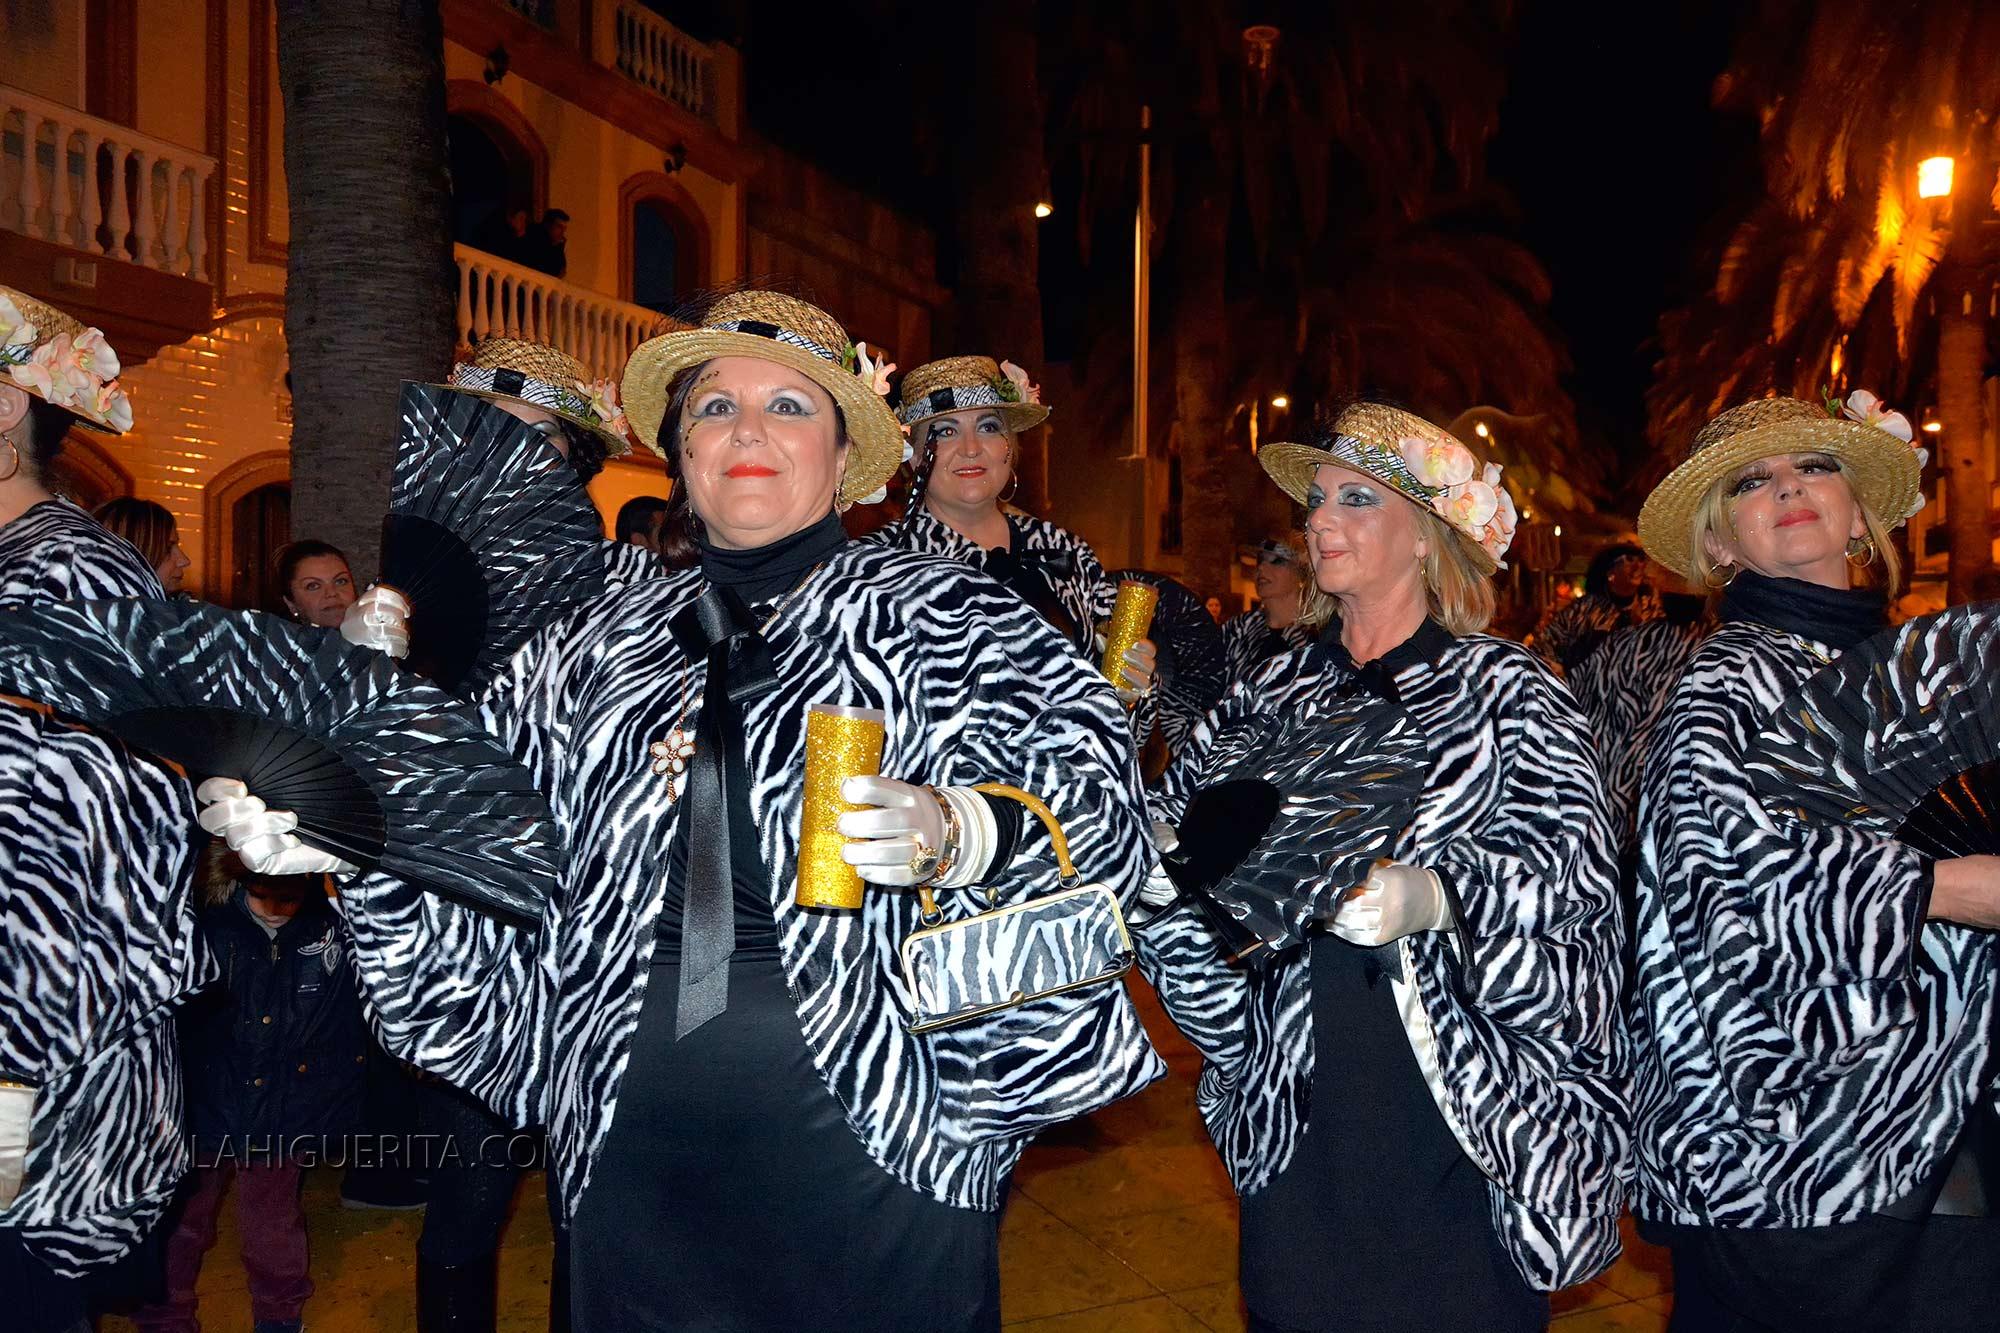 Entierro de la sardina carnaval isla cristina _DSC2217